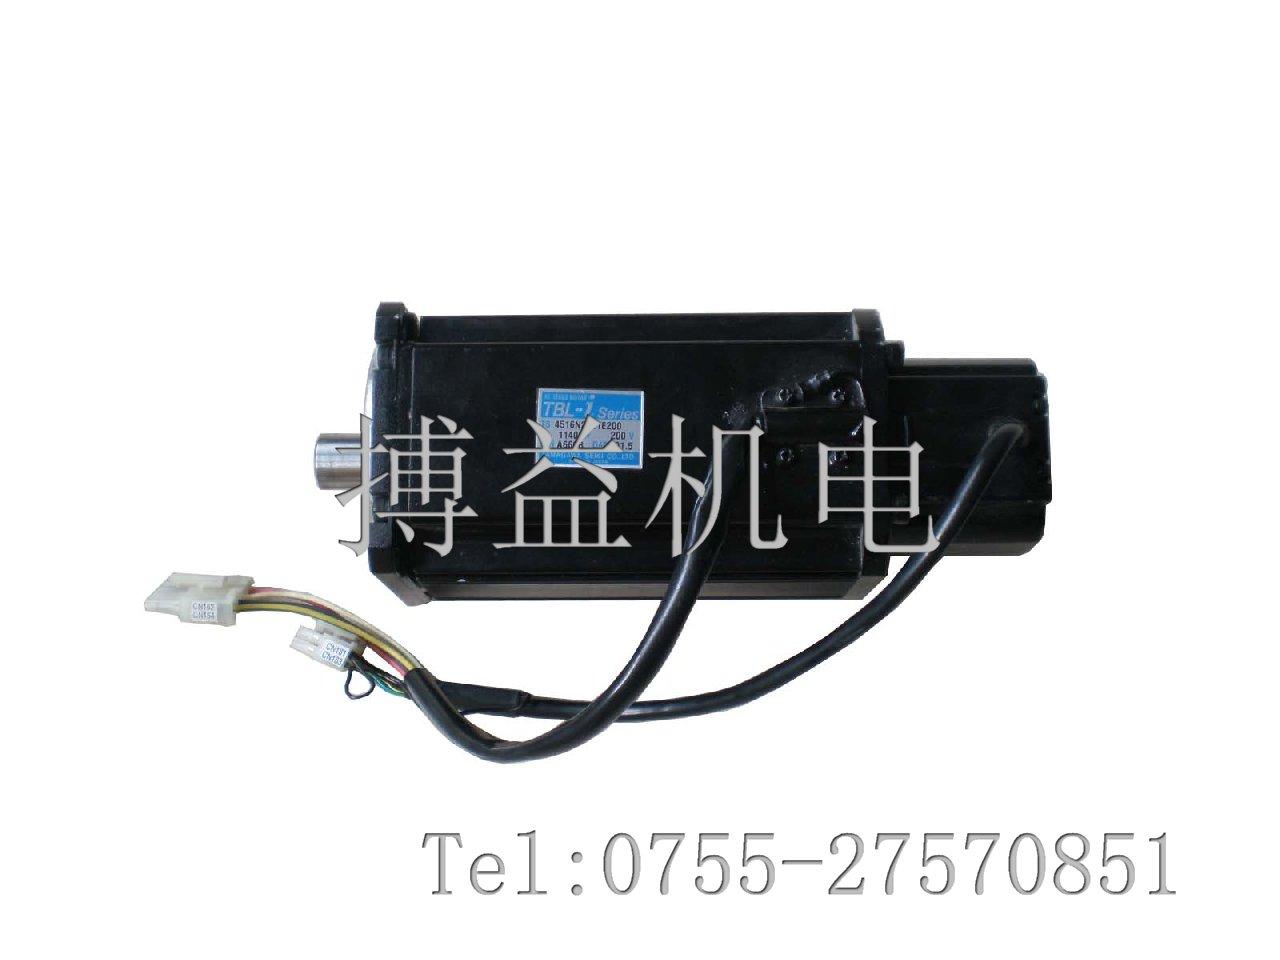 深圳電機維修多摩川西門子維修富士電機